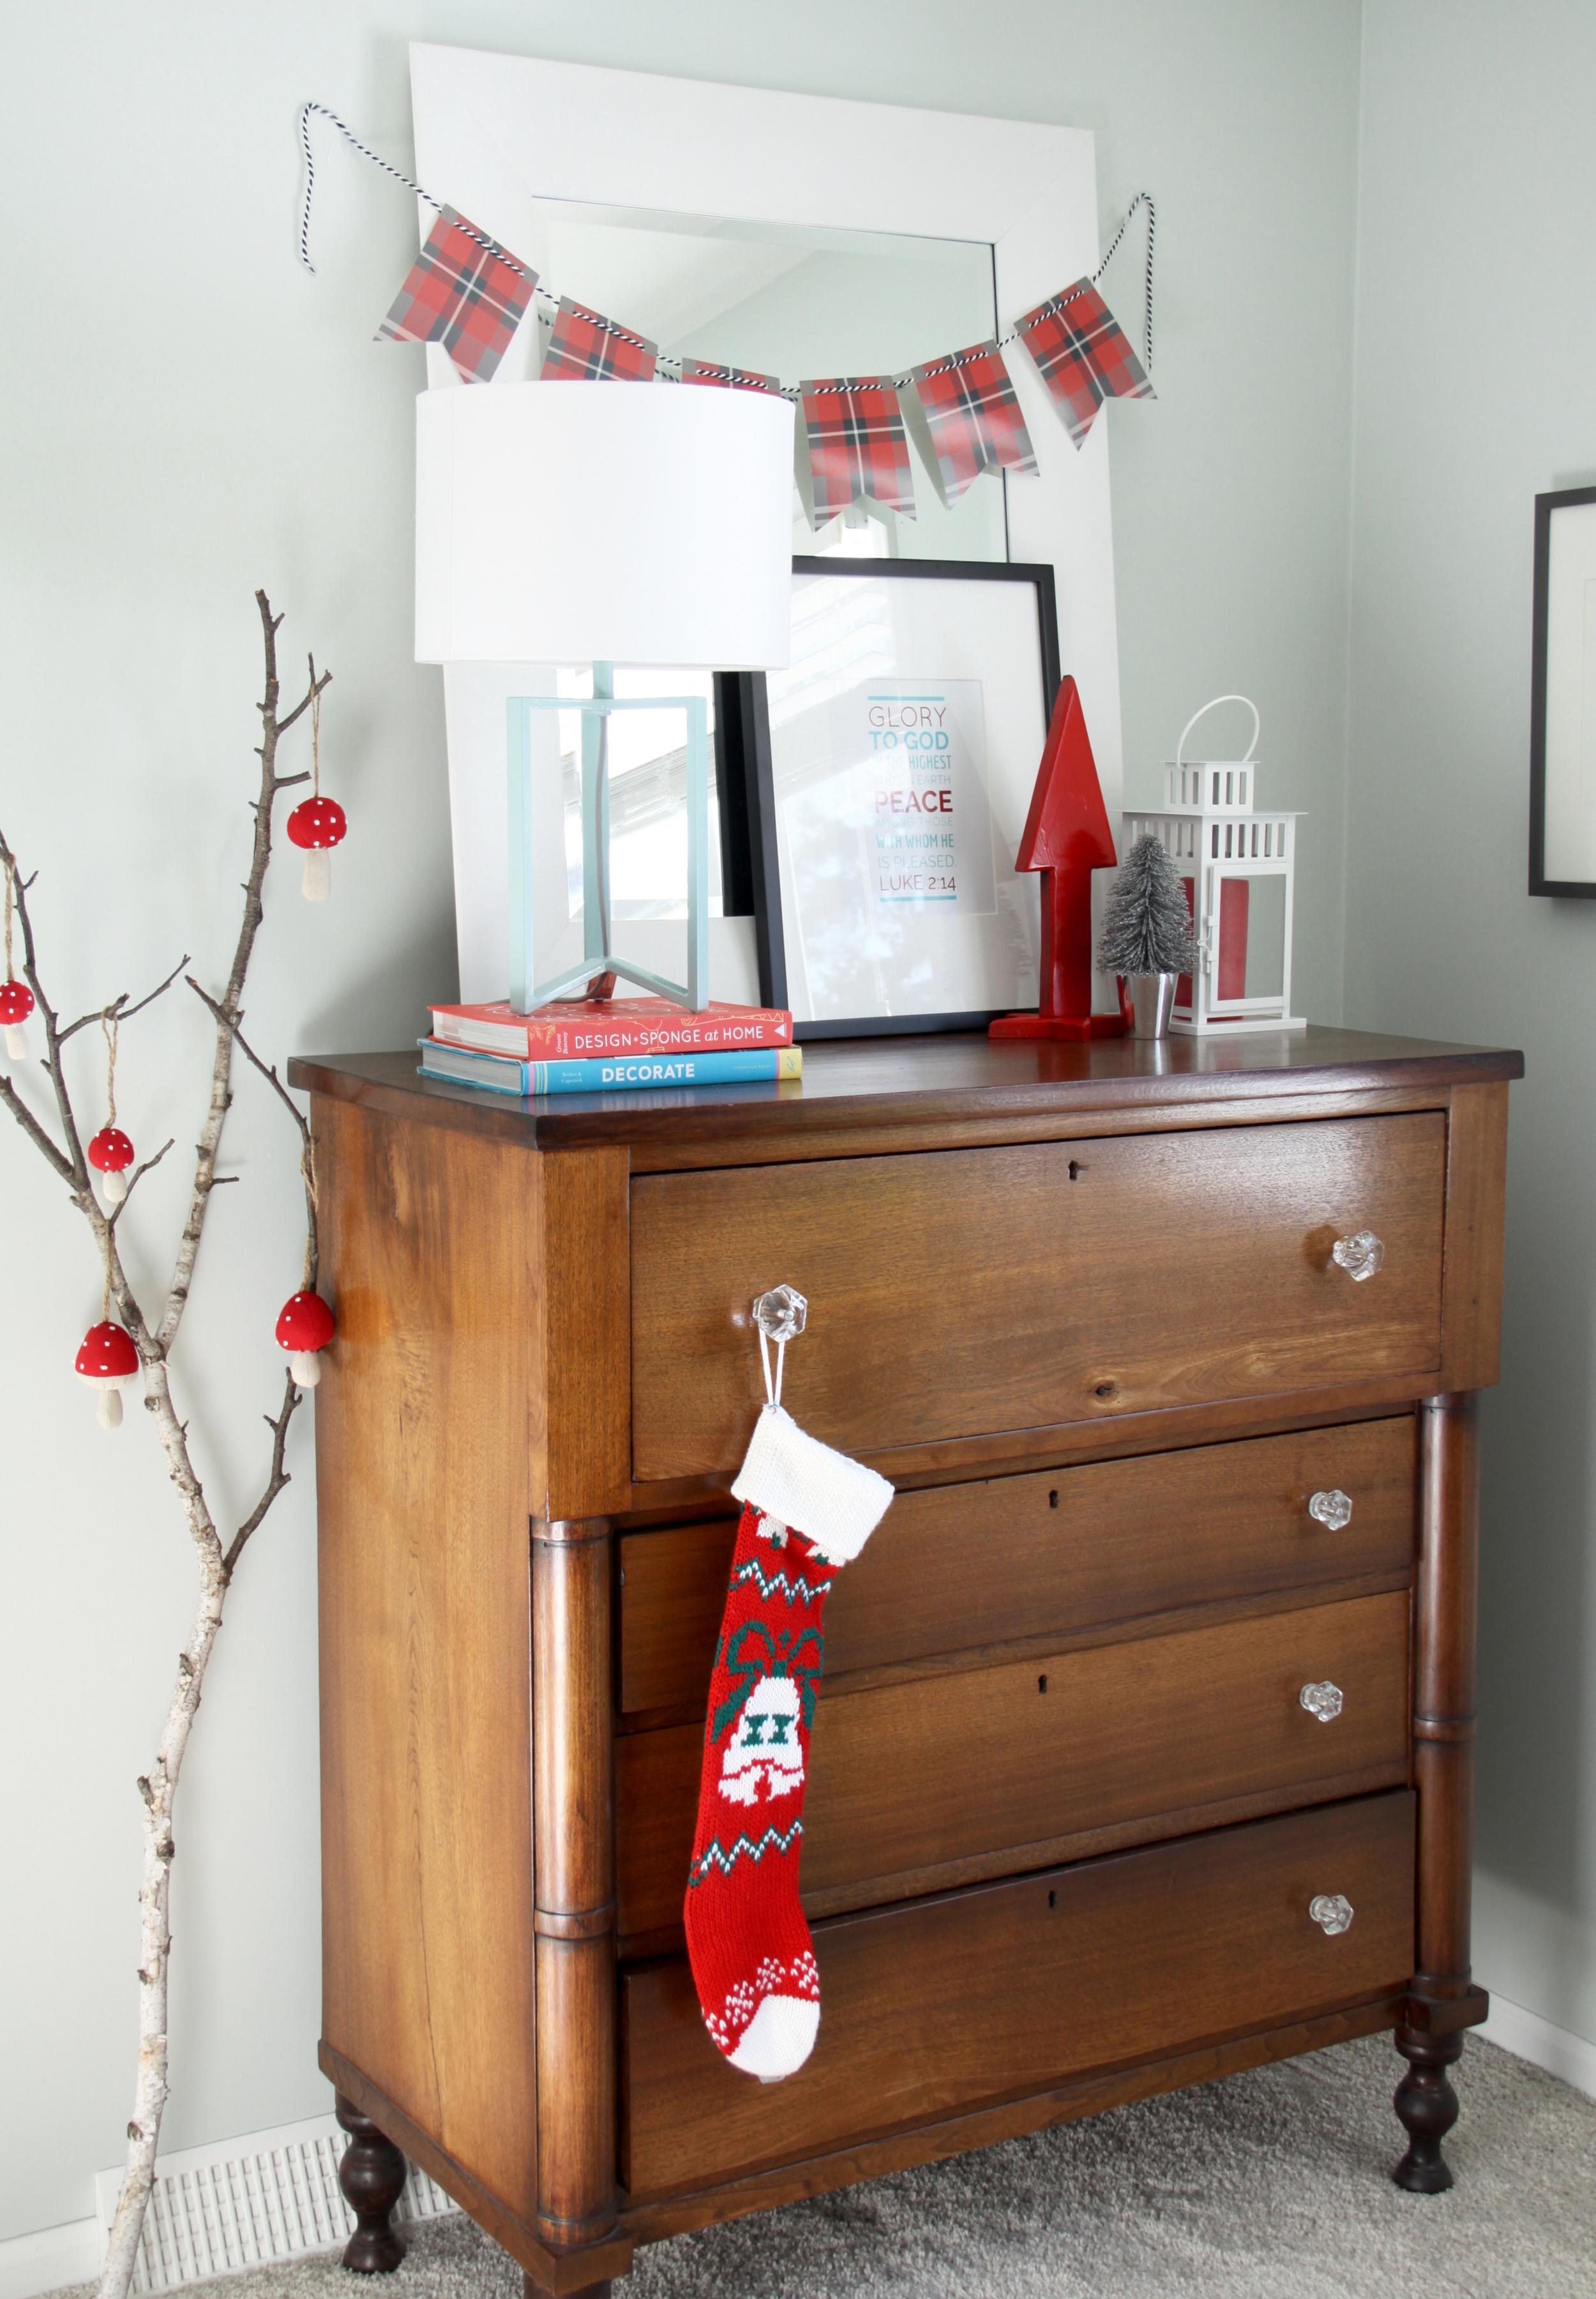 Modern Rustic Christmas Decor with Free Christmas Art Print